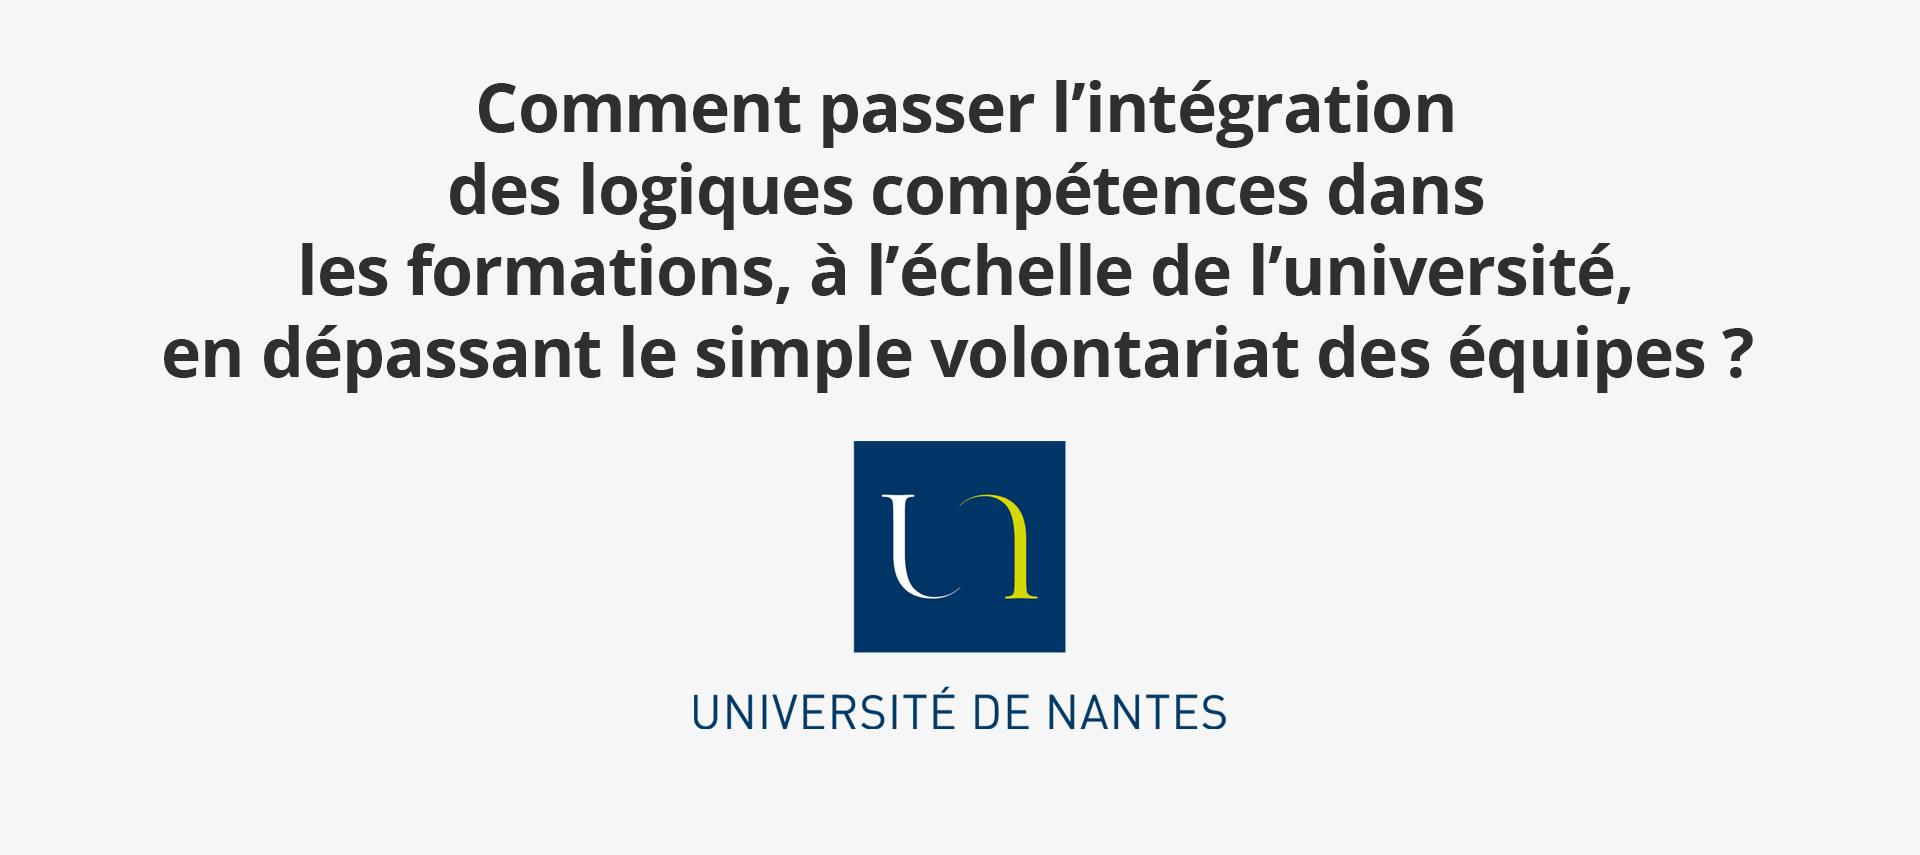 Comment passer l'intégration des logiques compétences dans les formations, à l'échelle de l'université, en dépassant le simple volontariat des équipes ? Par l'Université de Nantes